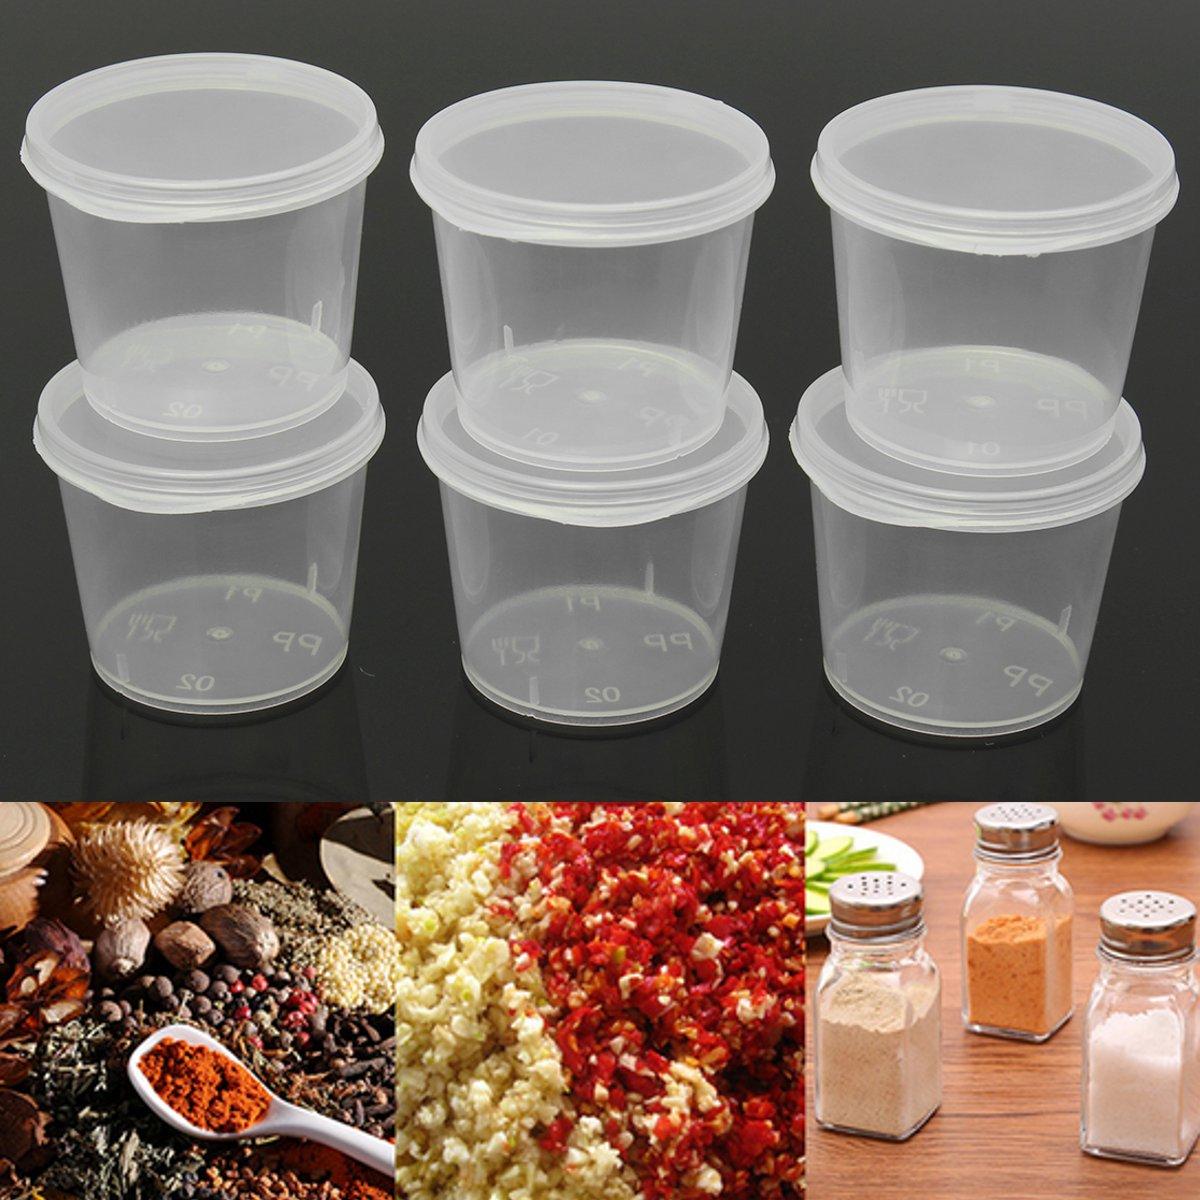 Qualité * 1 oz clair couvercle à charnière Plastique Réutilisable conteneurs Pots Bébé Nourriture Sauce environ 28.35 g